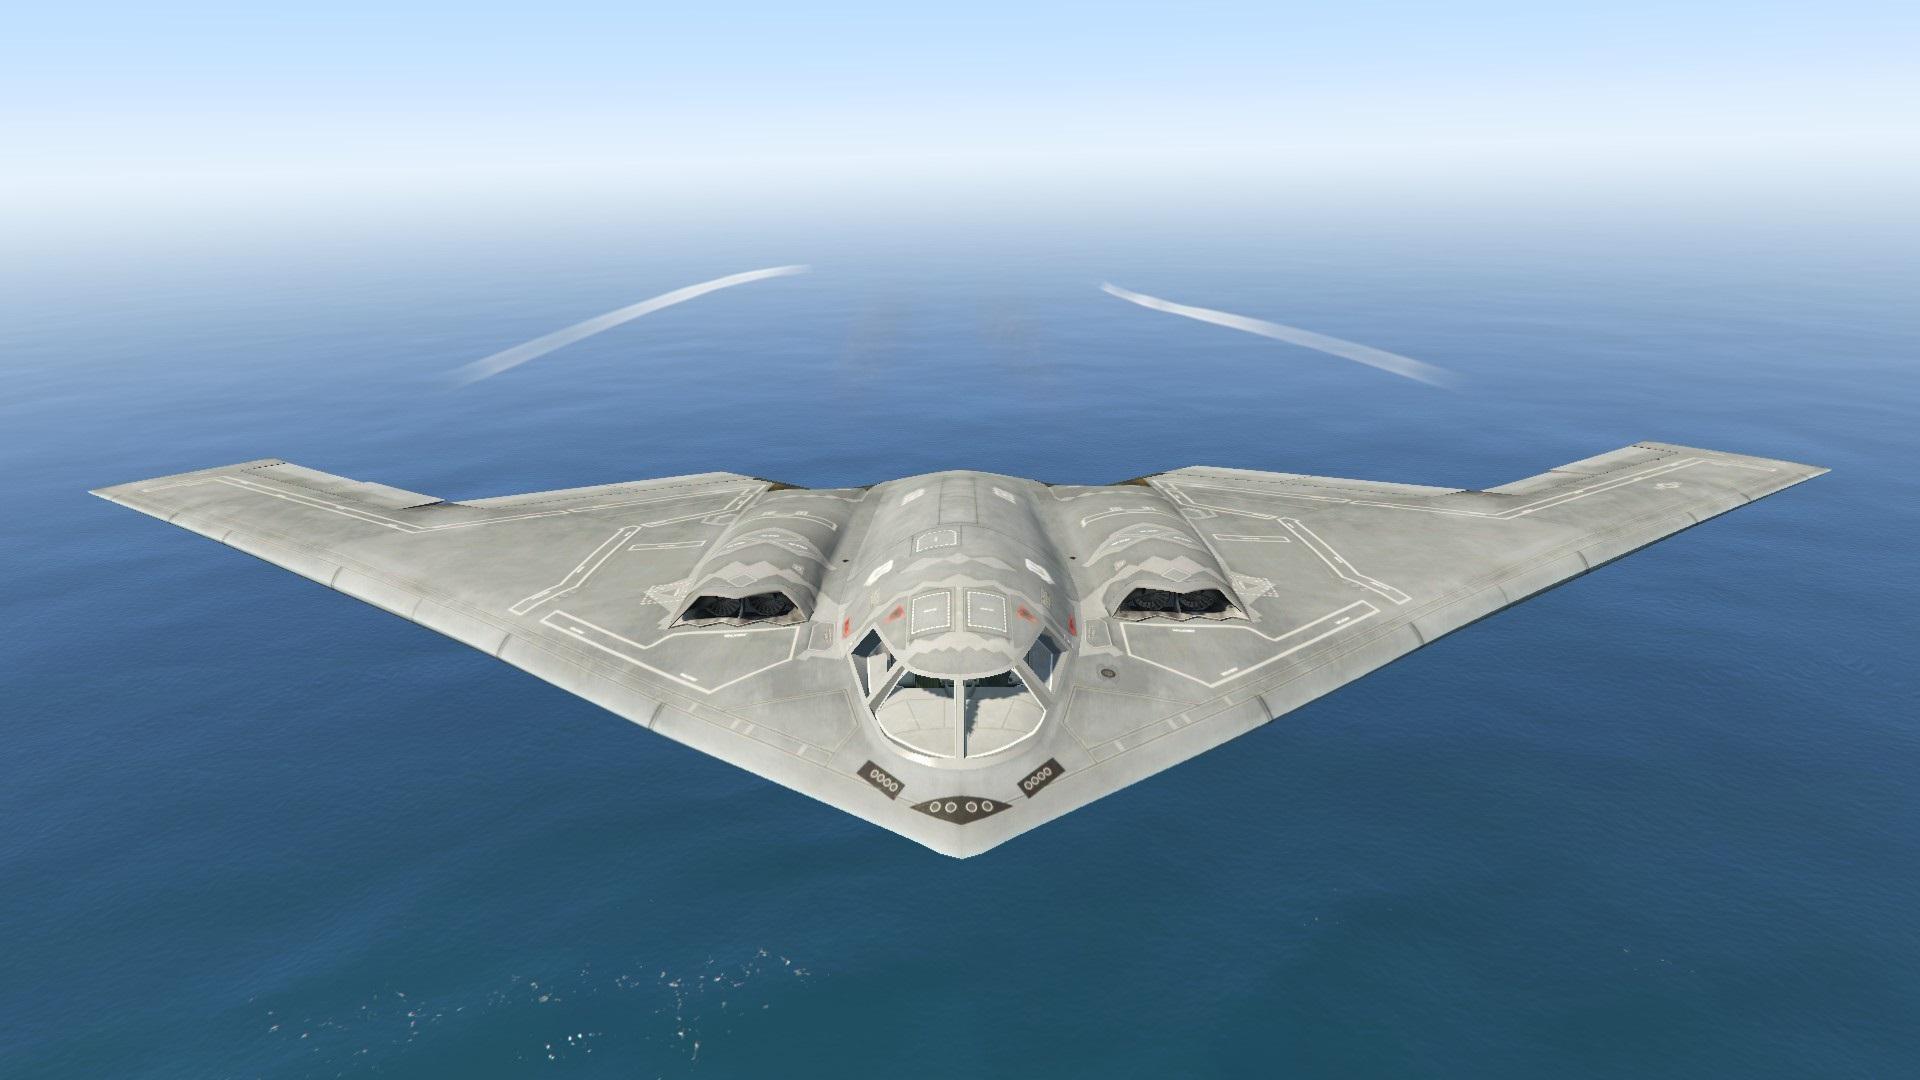 b 2a spirit stealth bomber gta5. Black Bedroom Furniture Sets. Home Design Ideas